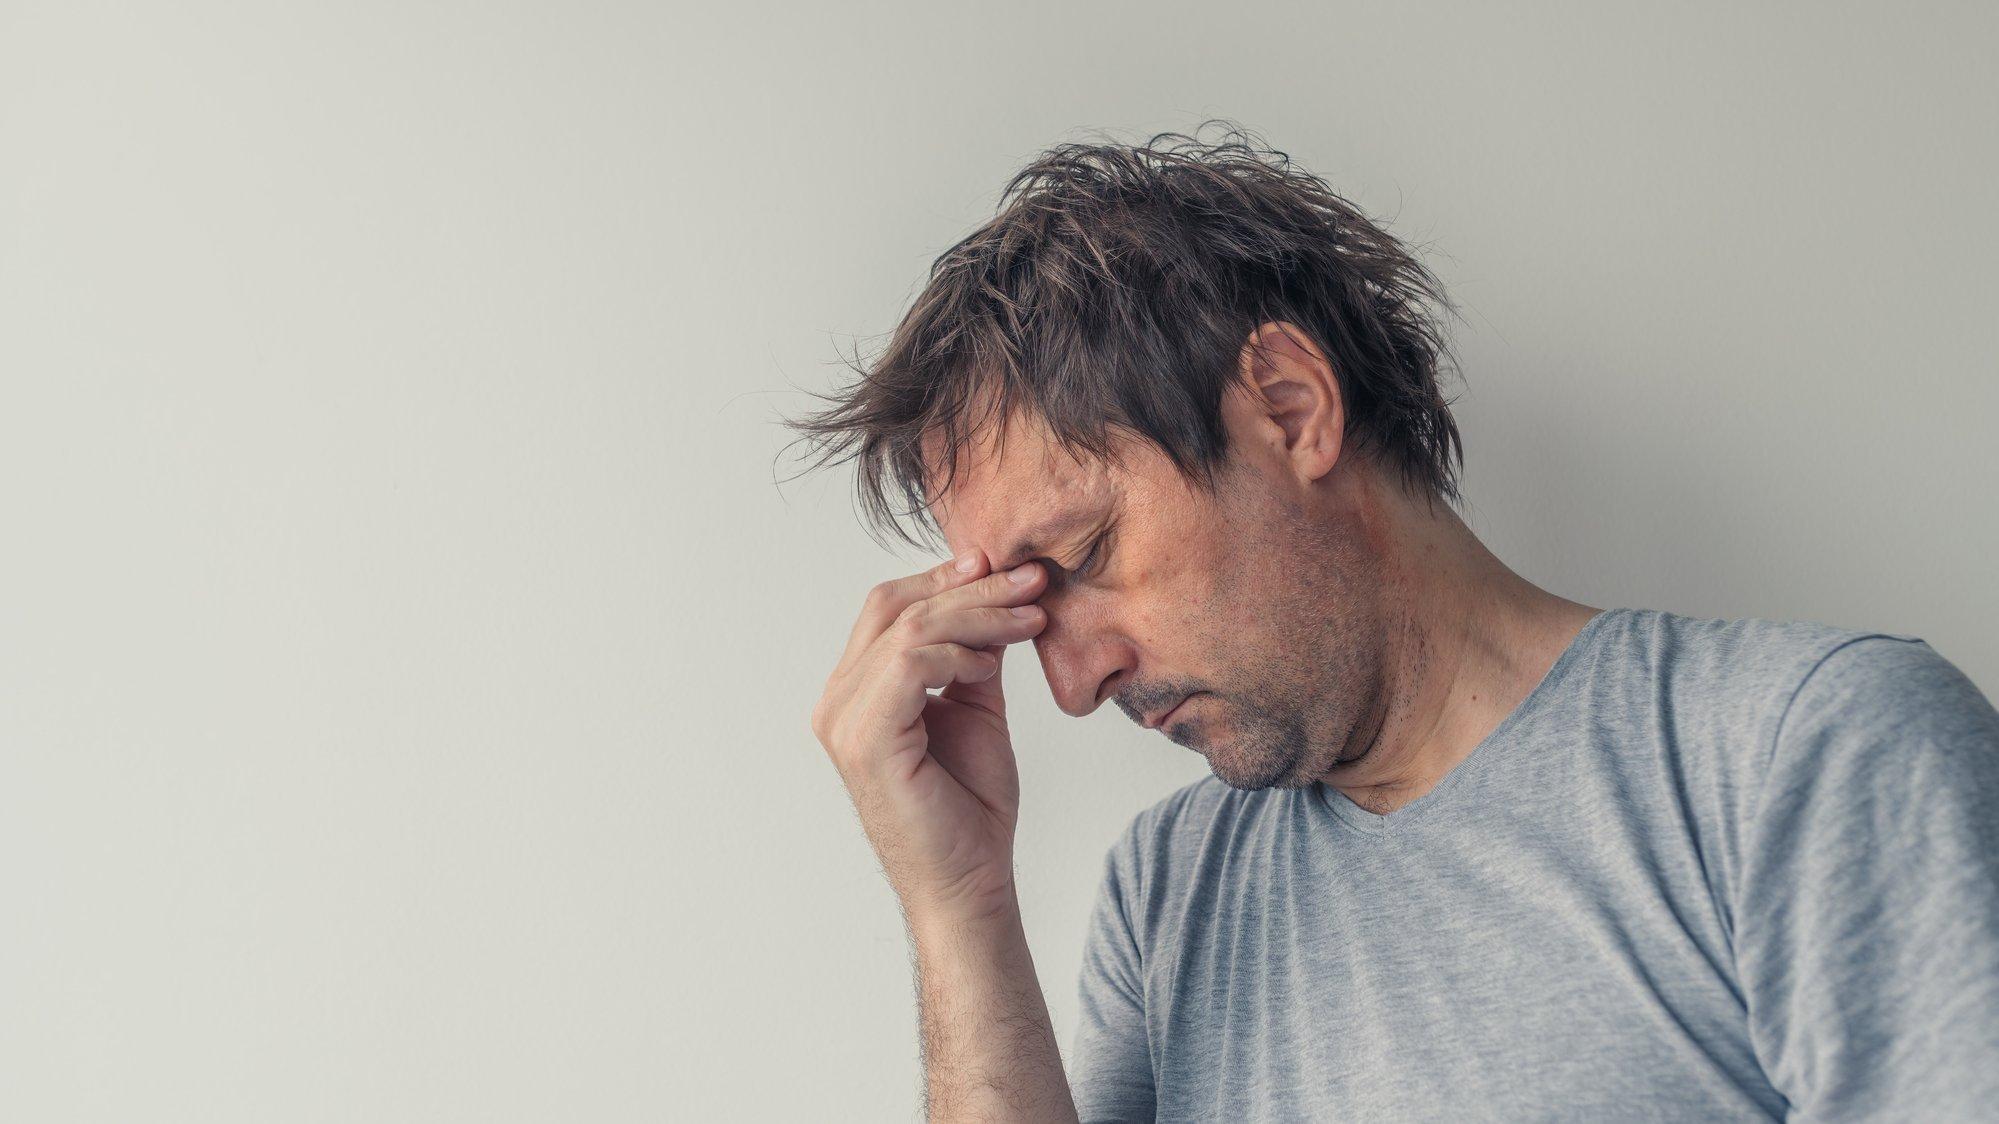 Ein Mann mittleren Alters fasst sich mit den Händen an die Stirn.